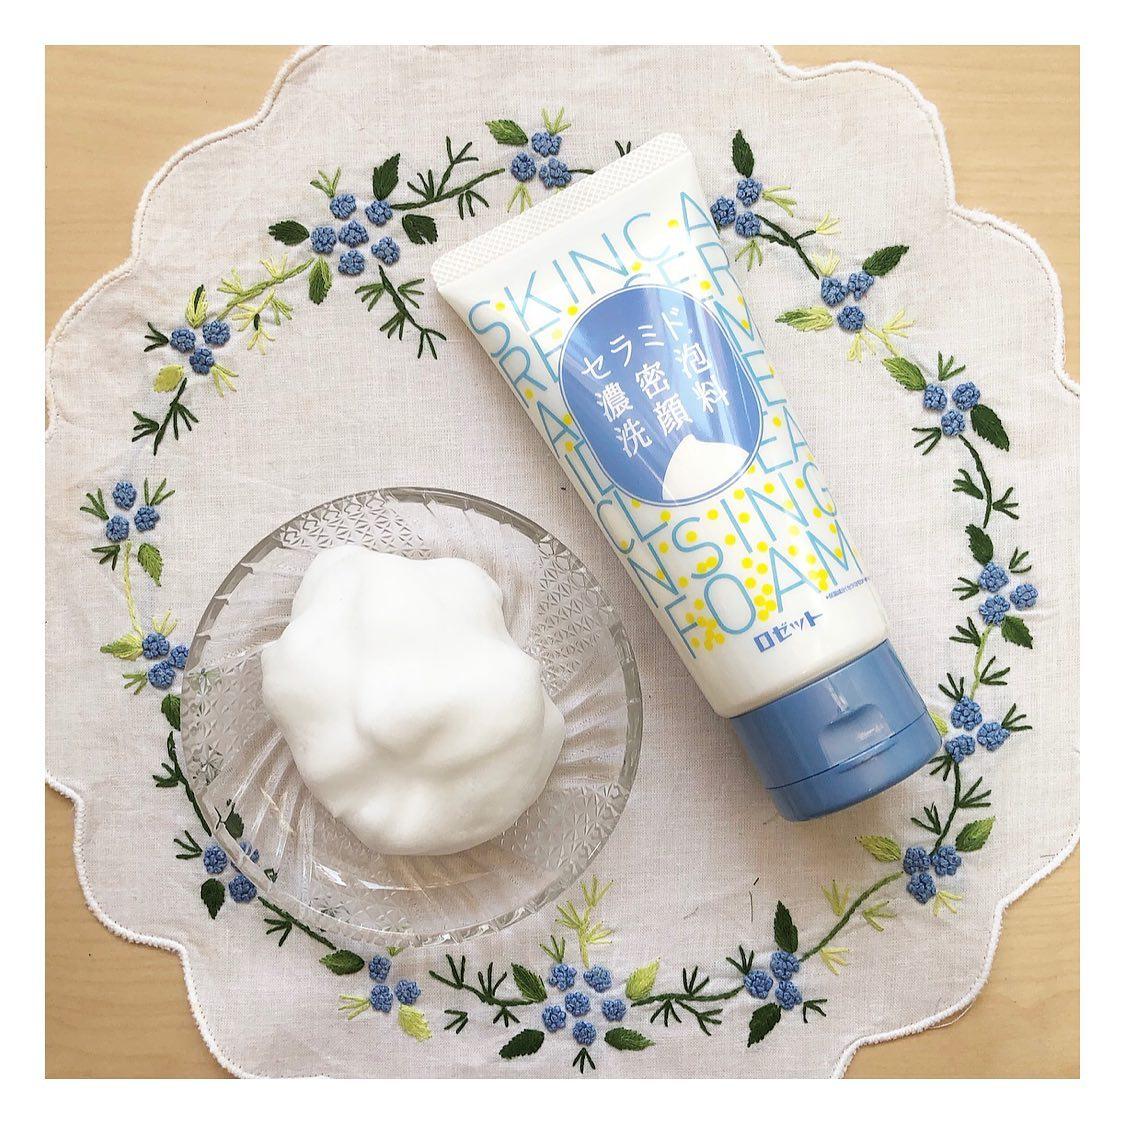 口コミ投稿:・とにかく泡が濃厚な洗顔フォーム ☁️「 セラミド 濃密泡洗顔料 」もっちりとし…